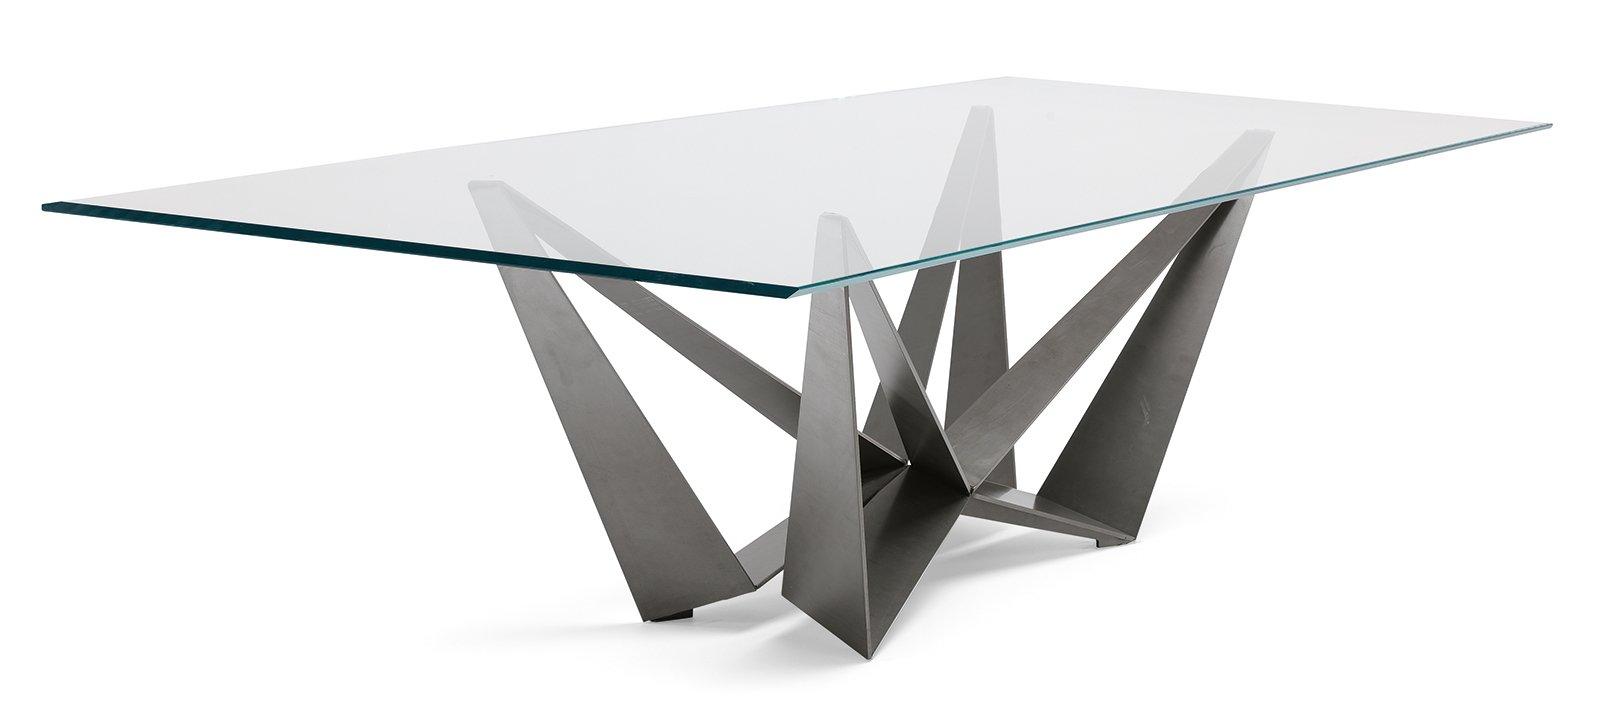 tavolino per salotto in vetro: articoli per tavolino basso da ... - Tavolino Design Gambe Legno Atari Cattelan